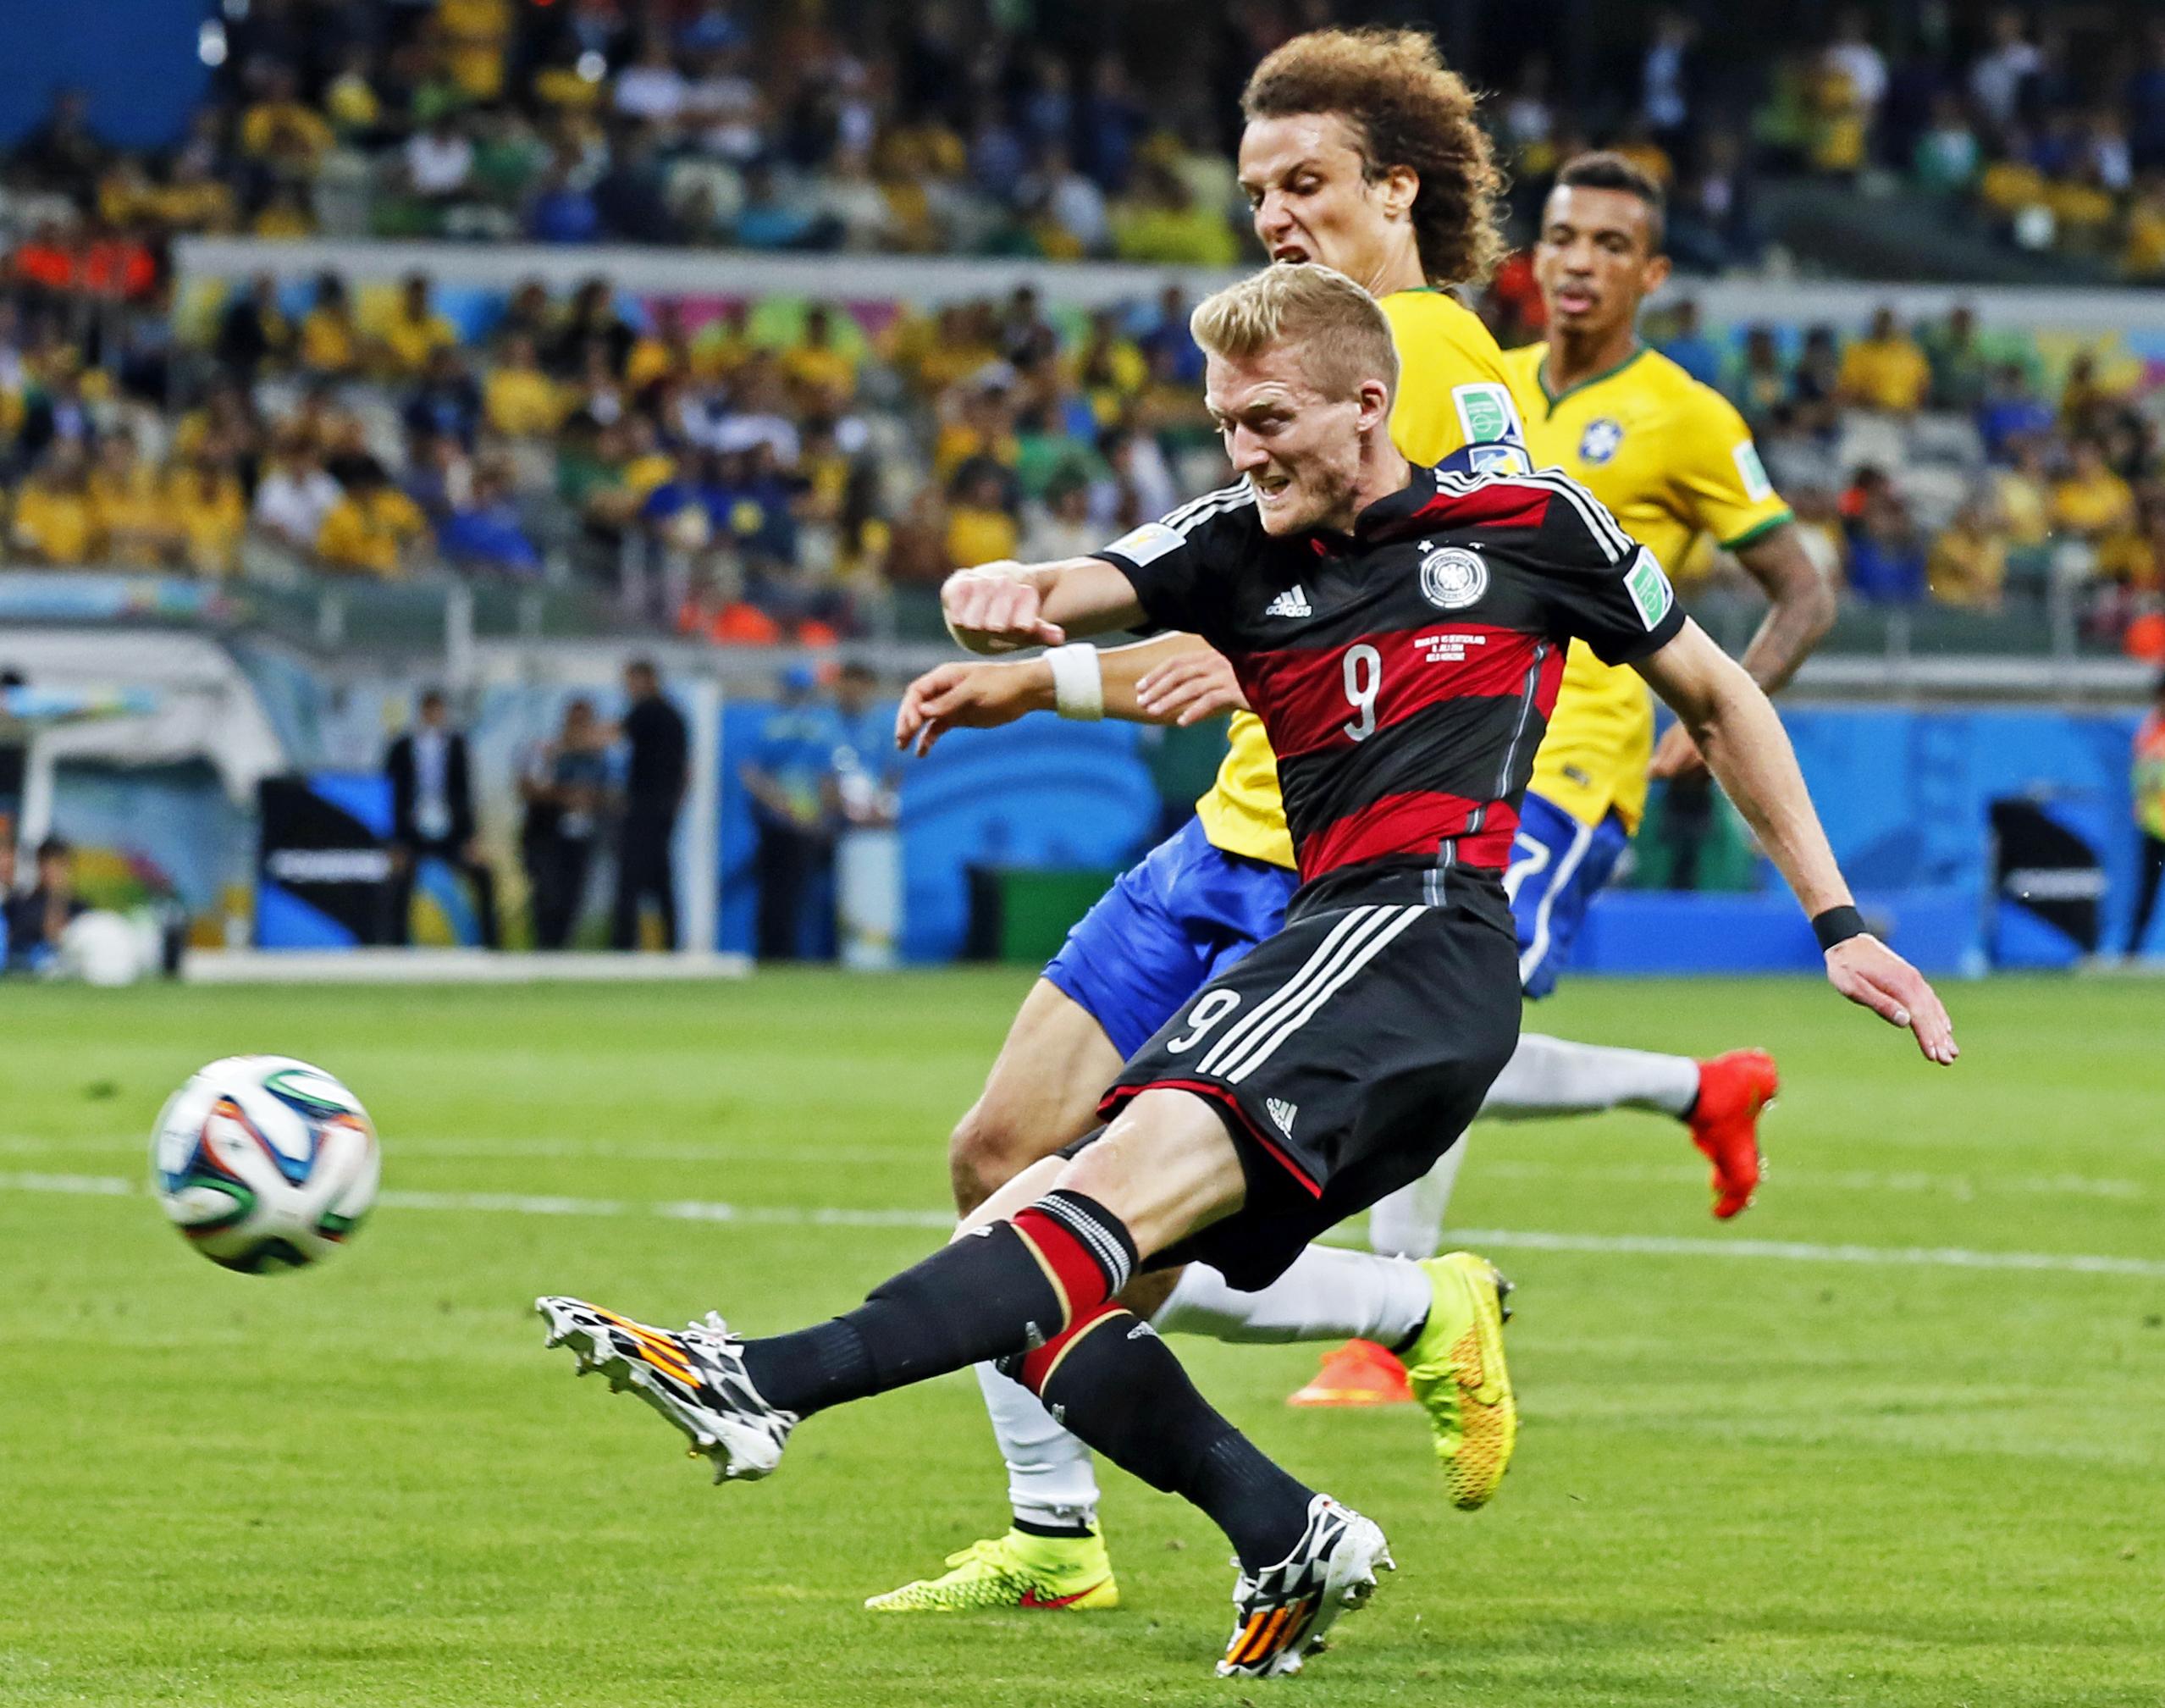 Neamțul André Schürrle (prim-plan) șutează de lângă David Luiz și înscrie al șaptelea gol al Germaniei în semifinala de poveste cu Brazilia, câștigată cu 7-1 la Cupa Mondială din 2014. (FOTO: EPA)